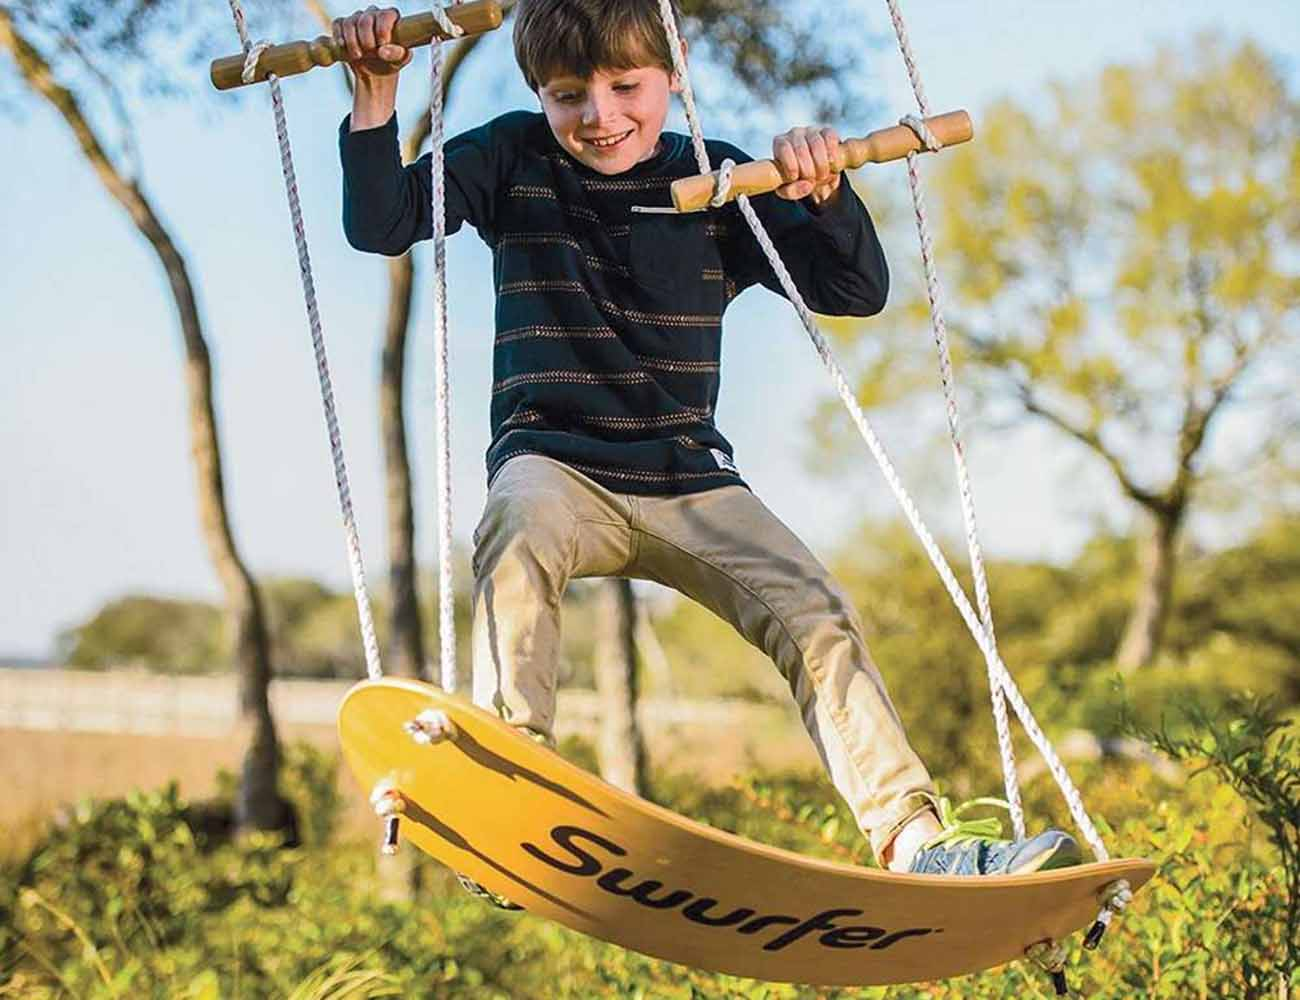 The Swurfer – The Tree Swing Surfboard